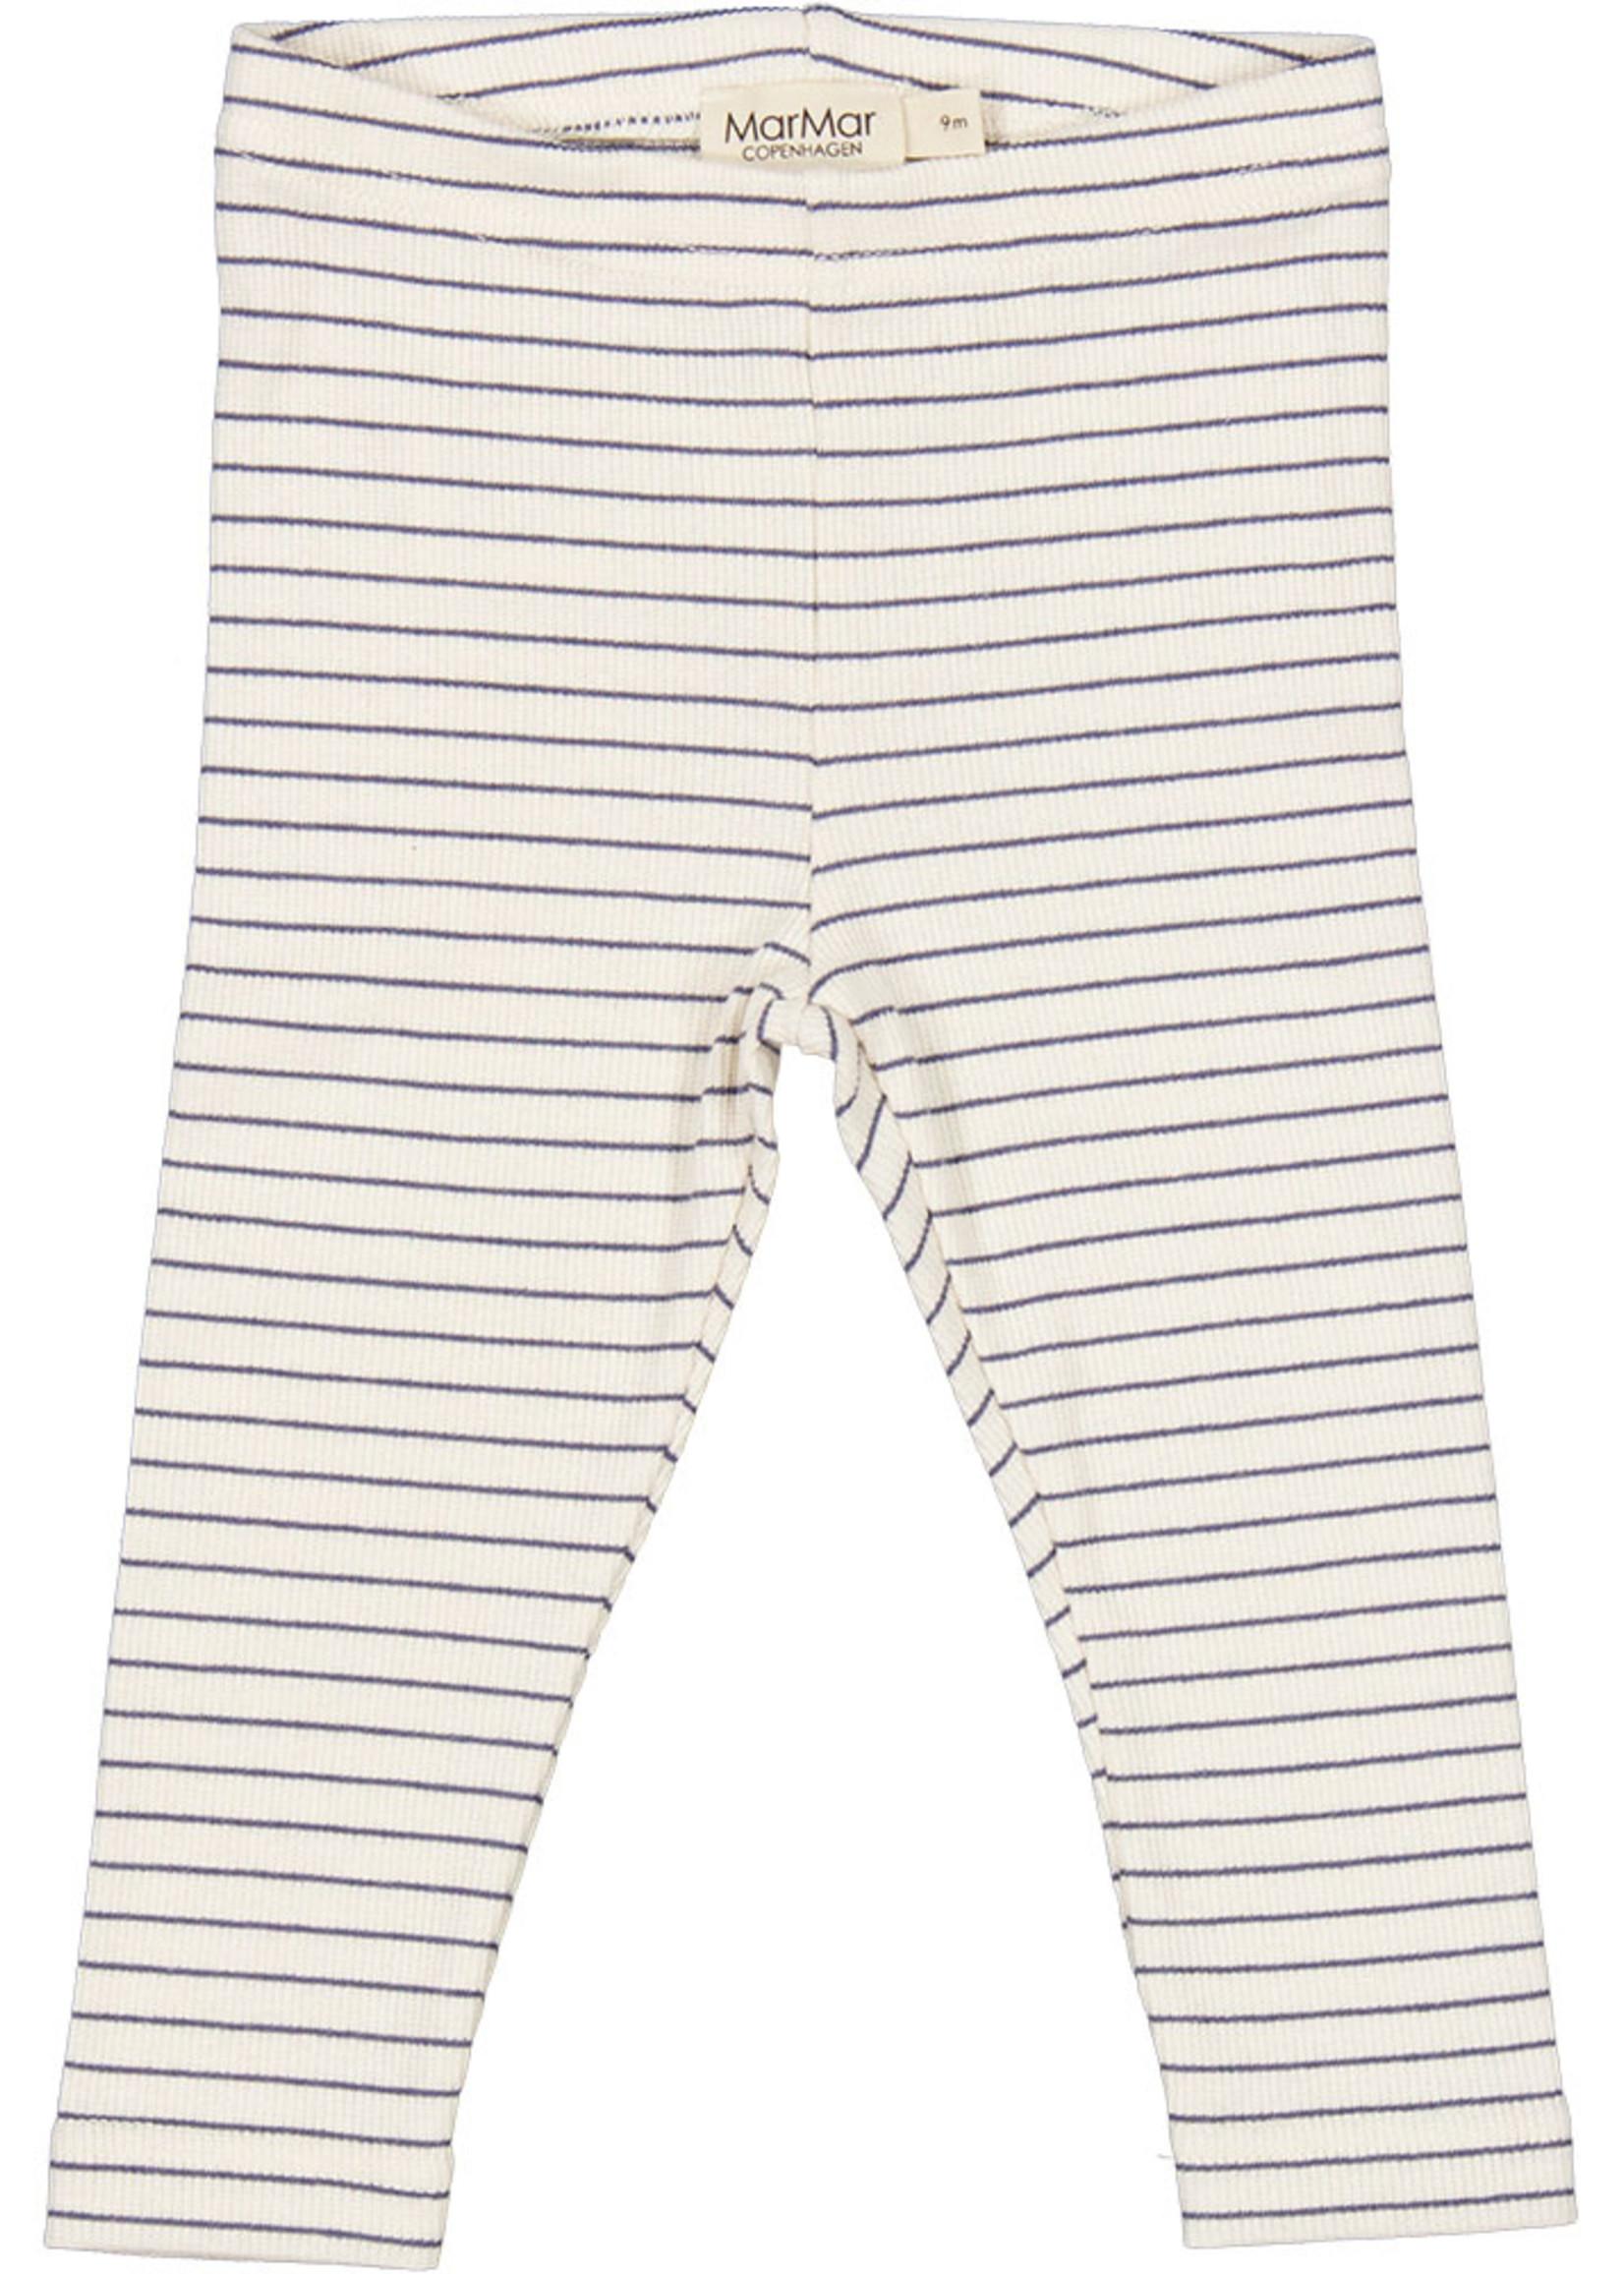 MarMar MarMar - Leg - Blue Stripe